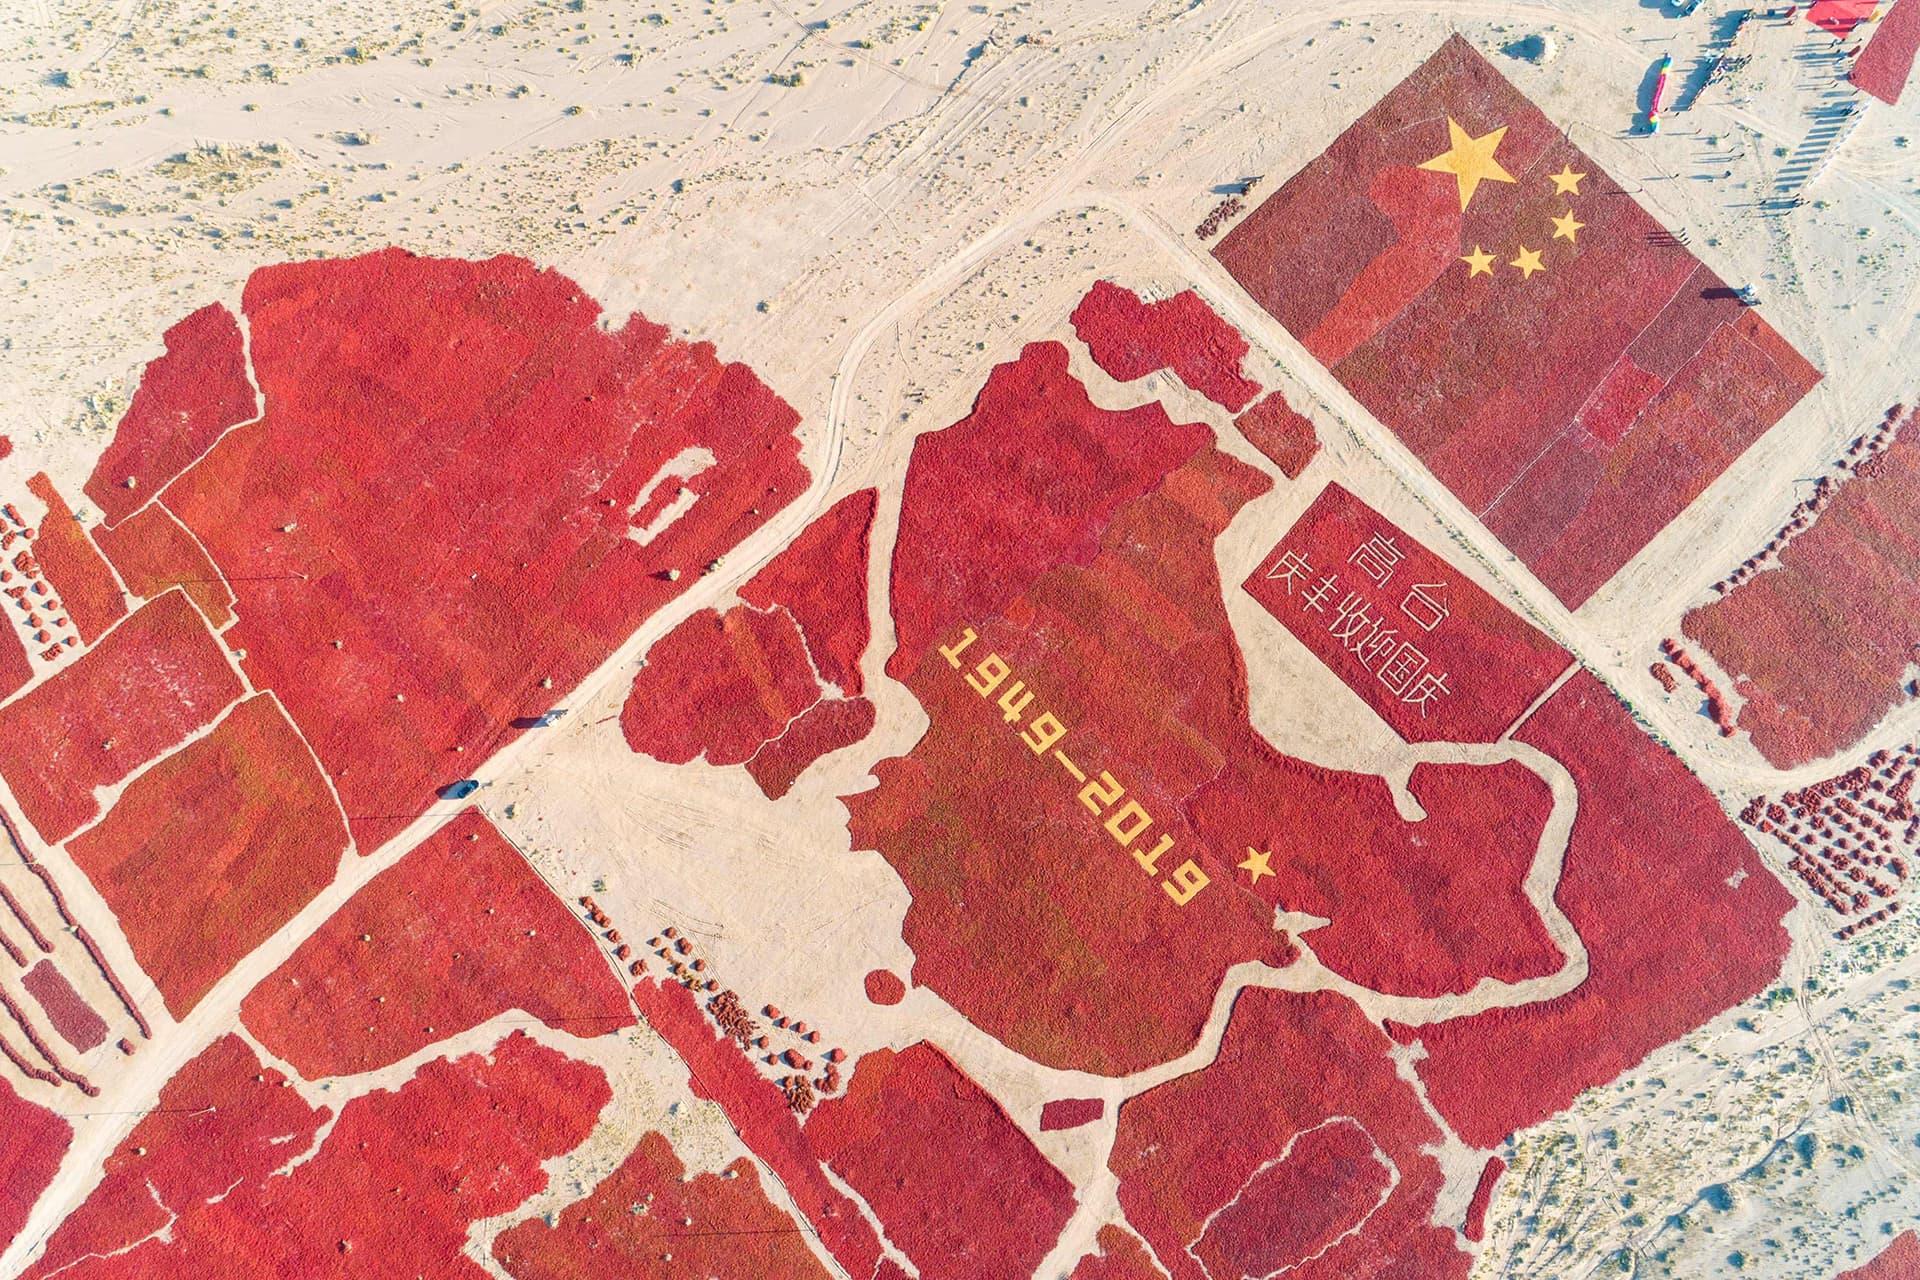 Ilmakuvassa chileistä muotoiltu lippu ja kartta.